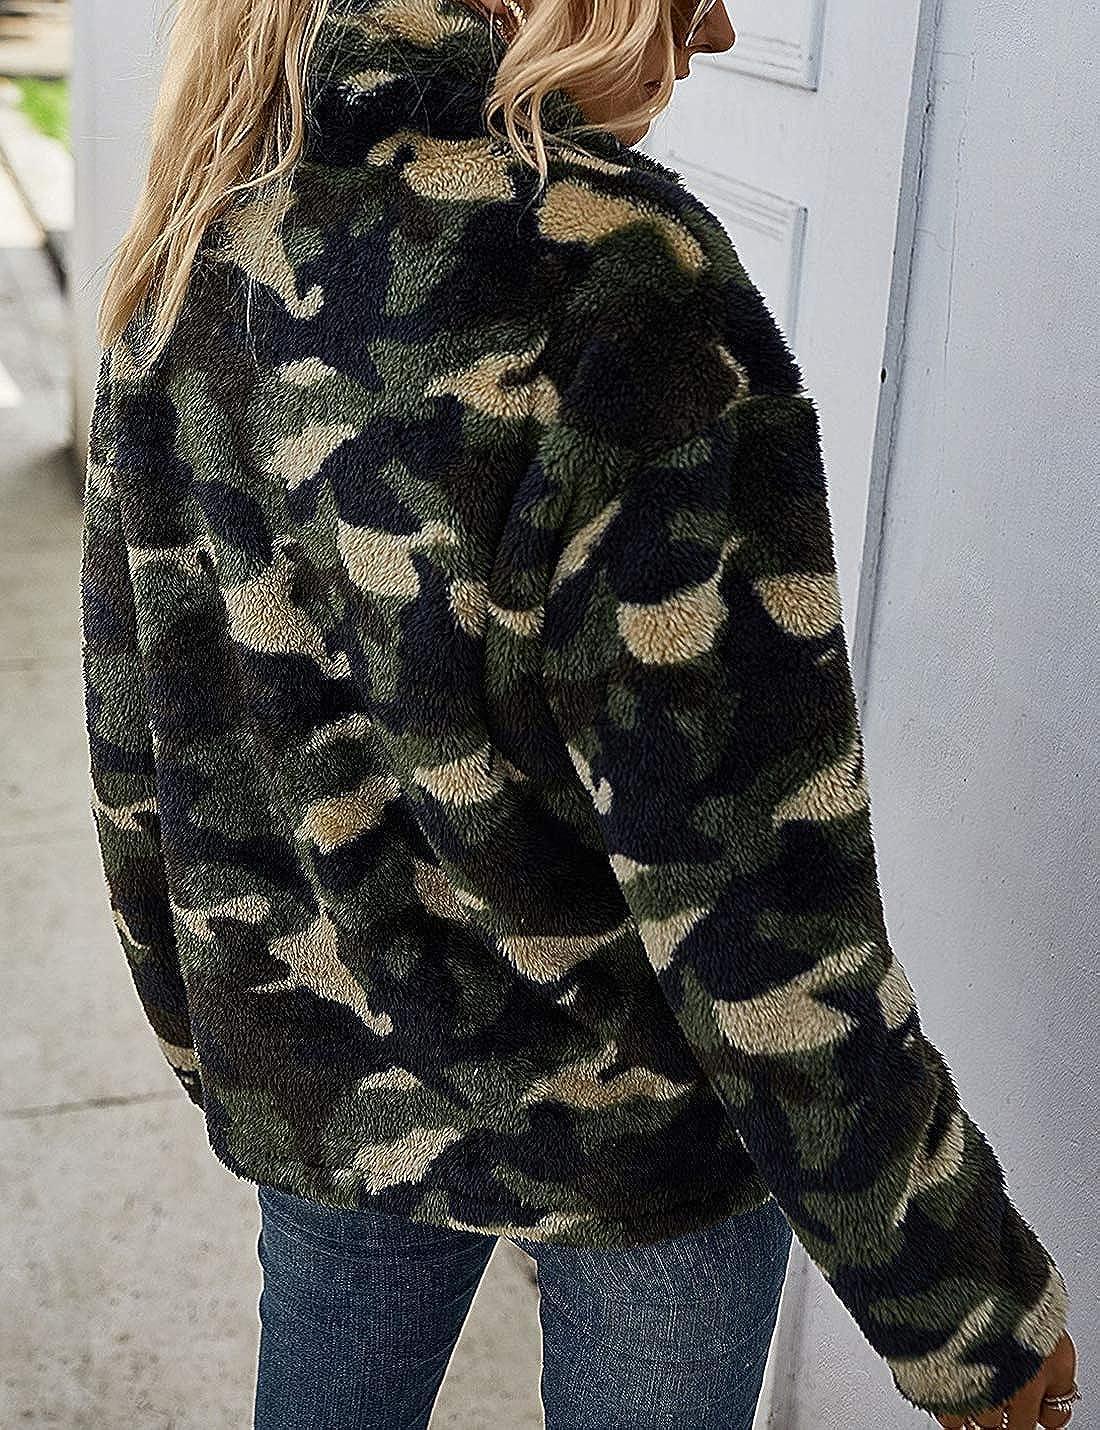 Camille Femme Neige Camouflage Laine Polaire Fermeture Zippée à Capuche